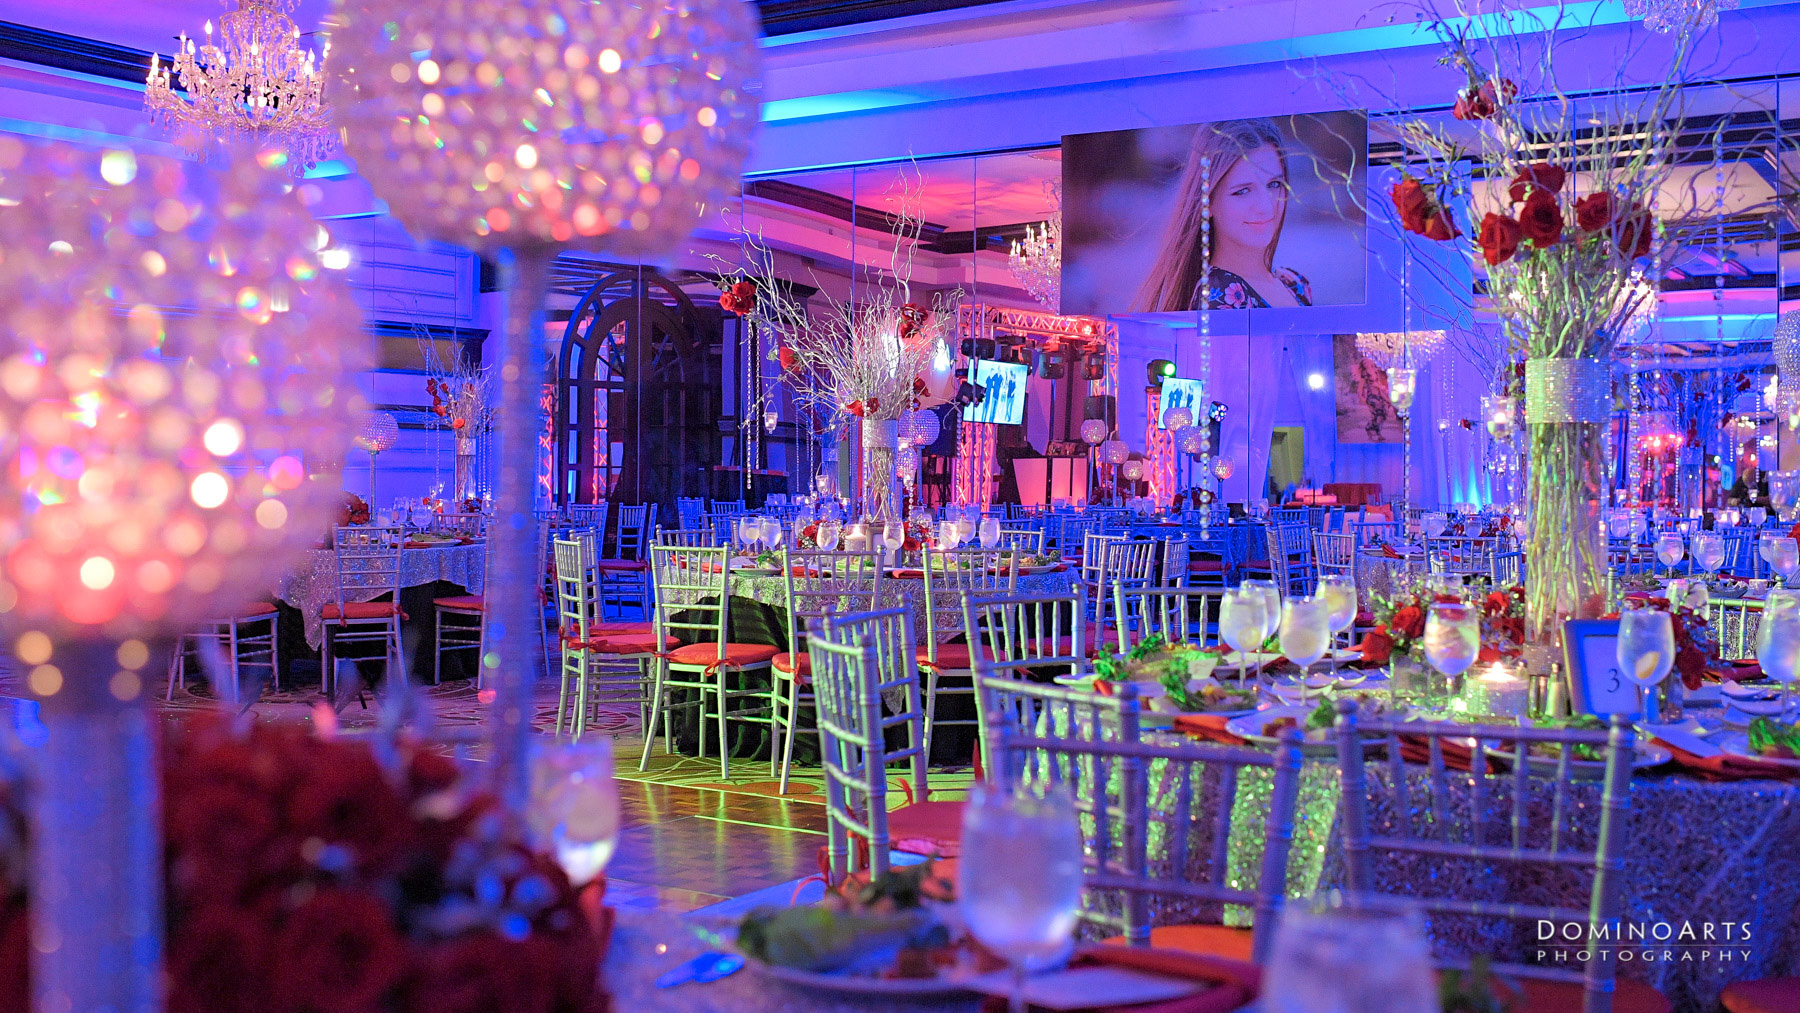 Beautiful Mitzvah Decor Photography at B'nai Israel, Boca Raton